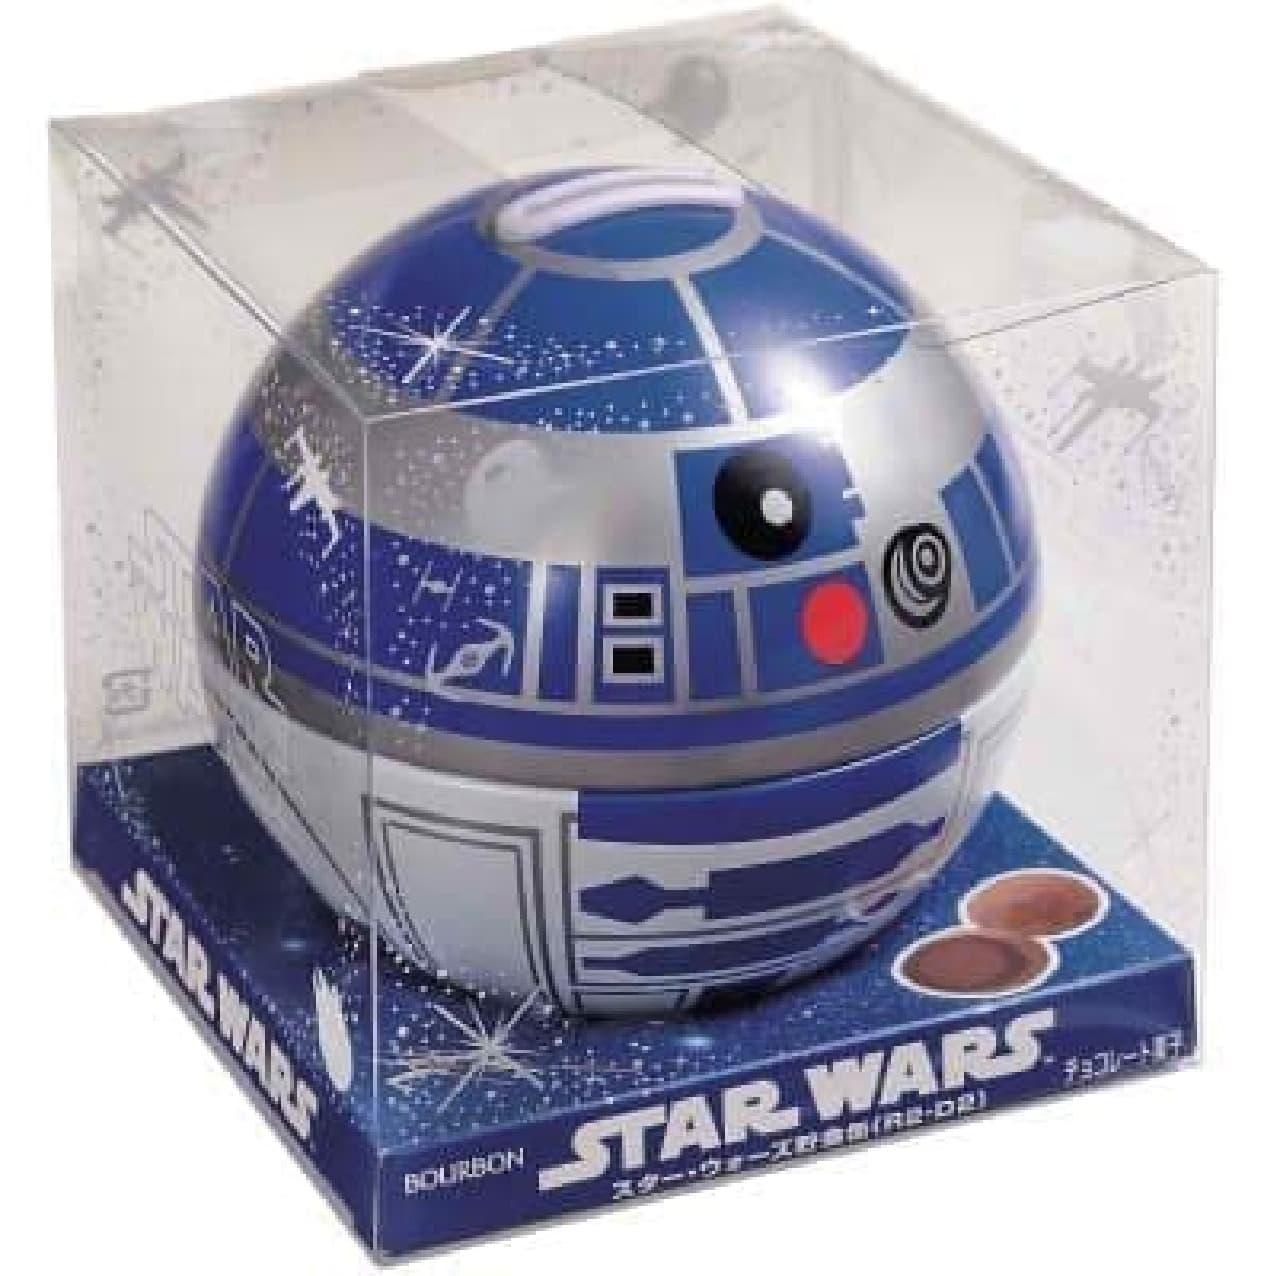 スター・ウォーズ貯金缶(R2-D2)